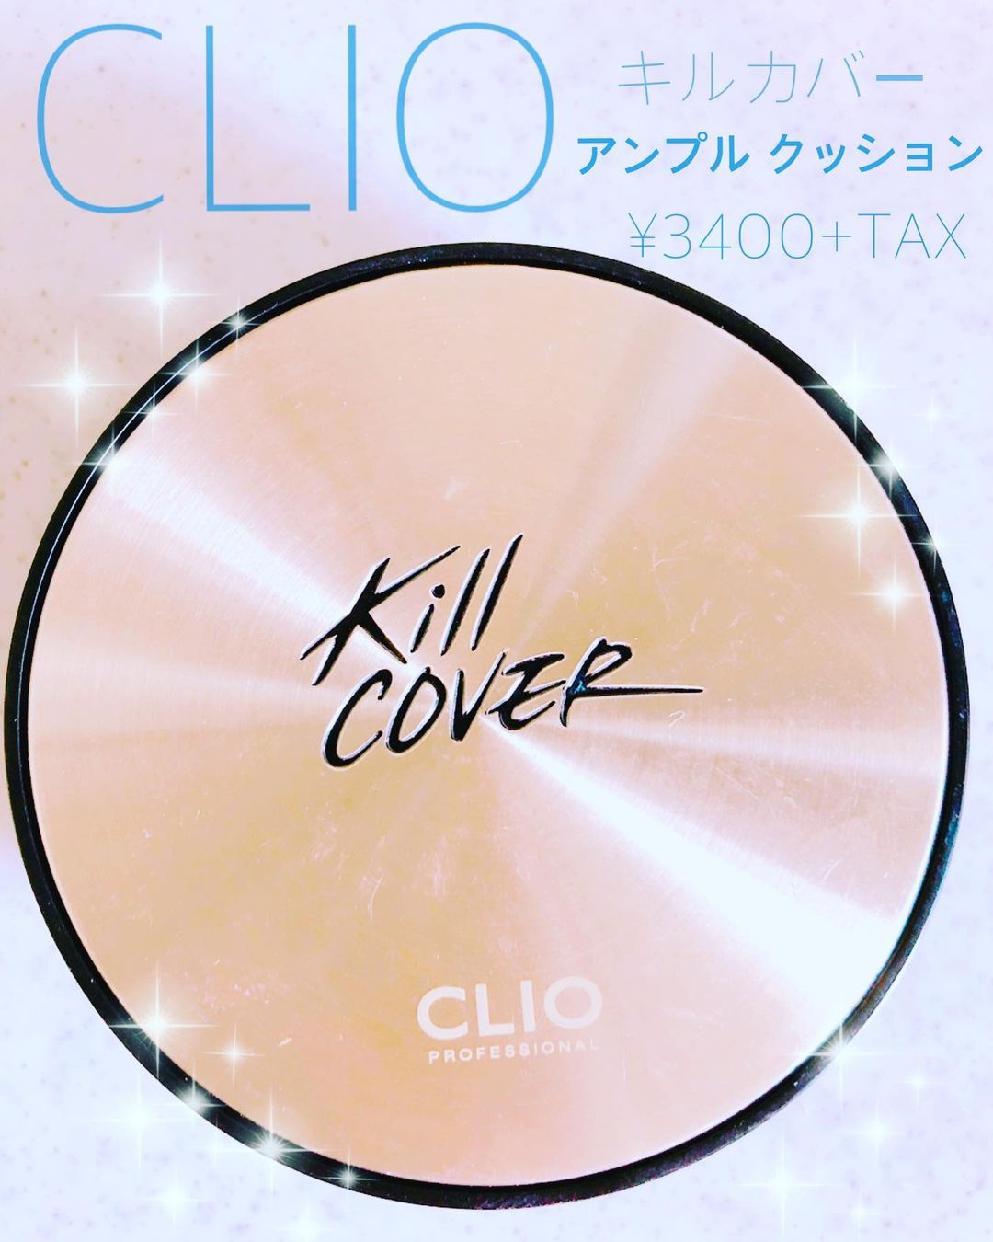 Clio(クリオ) キルカバーアンプルクッションを使ったBeautyさんのクチコミ画像